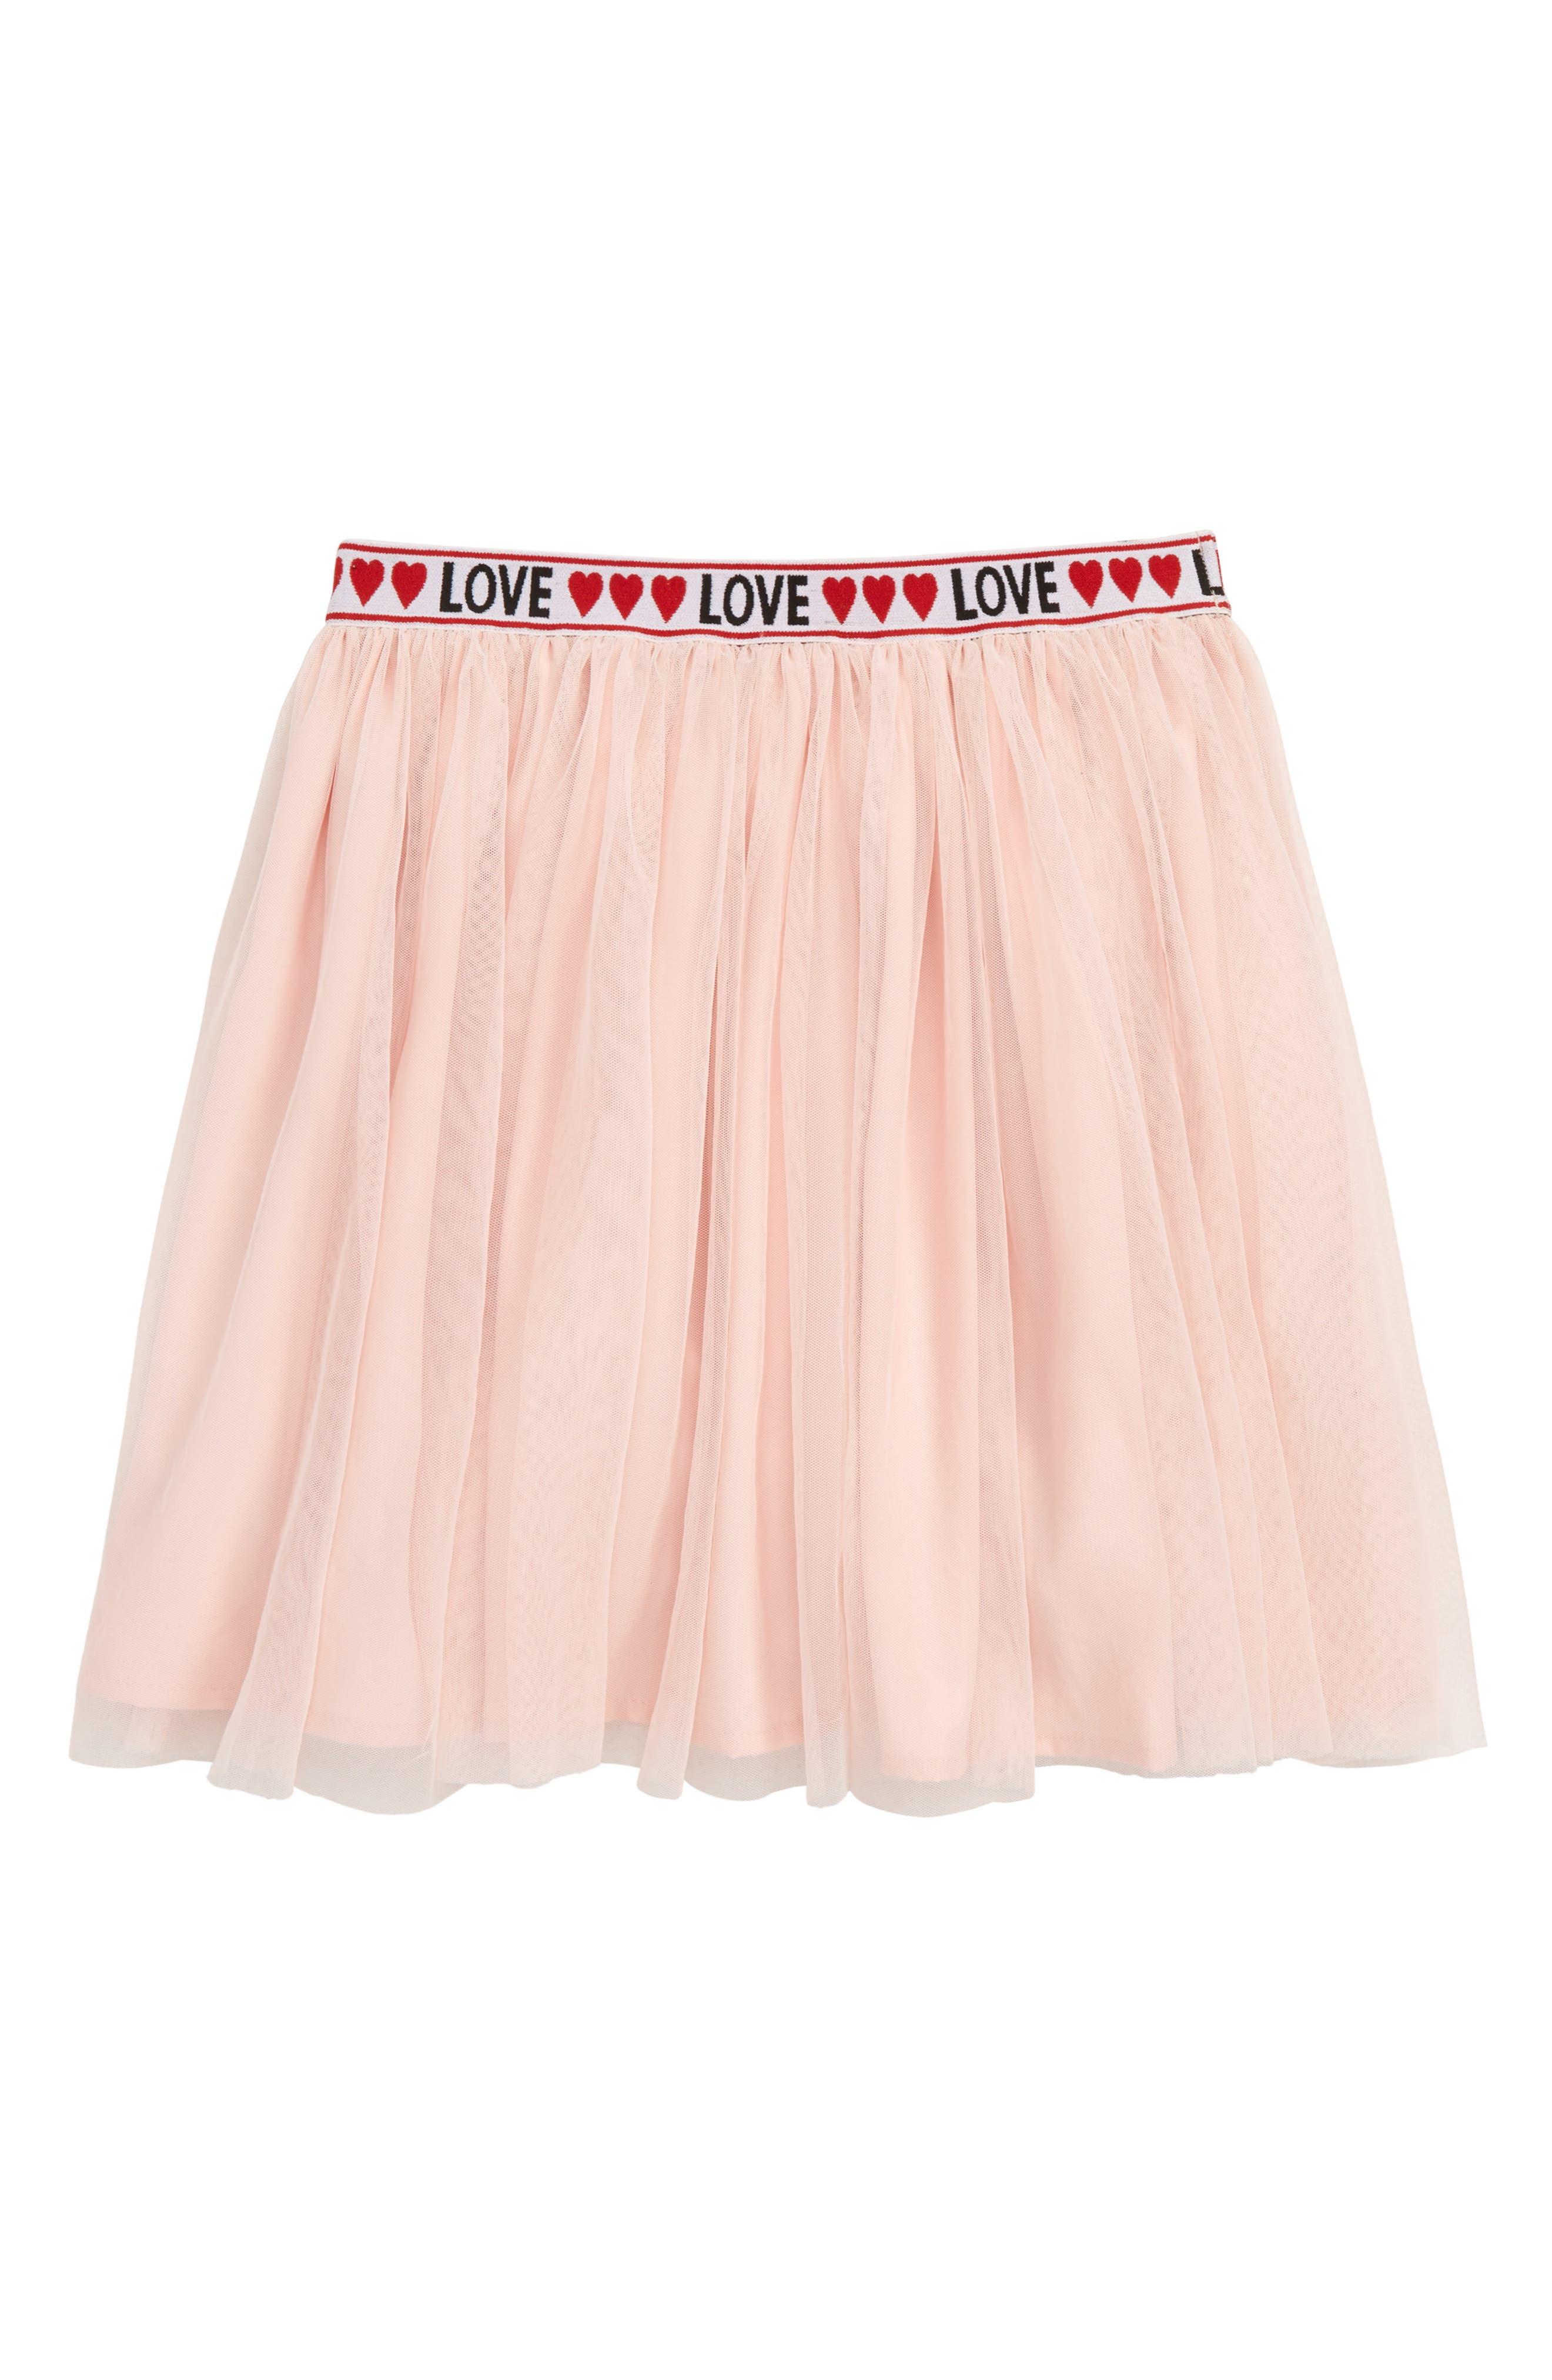 Love Tutu, Main, color, PINK PEACHSKIN